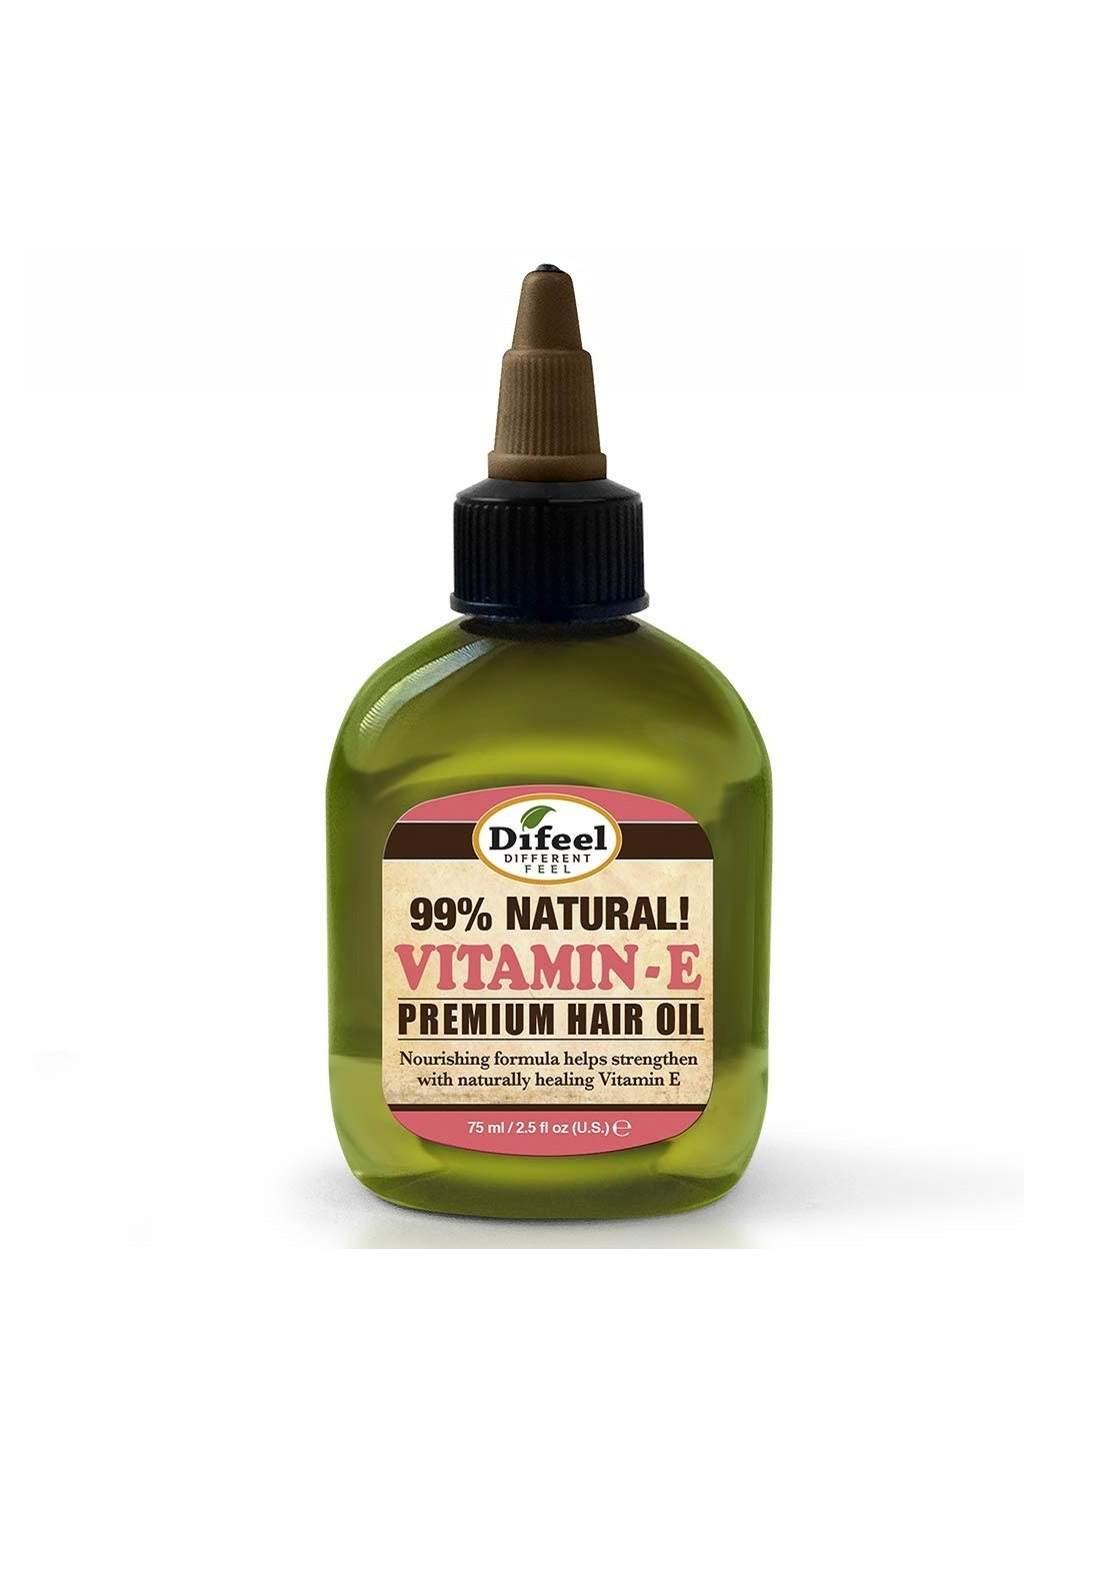 Difel Natural Hair Oil - Vitamin E Oil 75 ml زيت الشعر الطبيعي